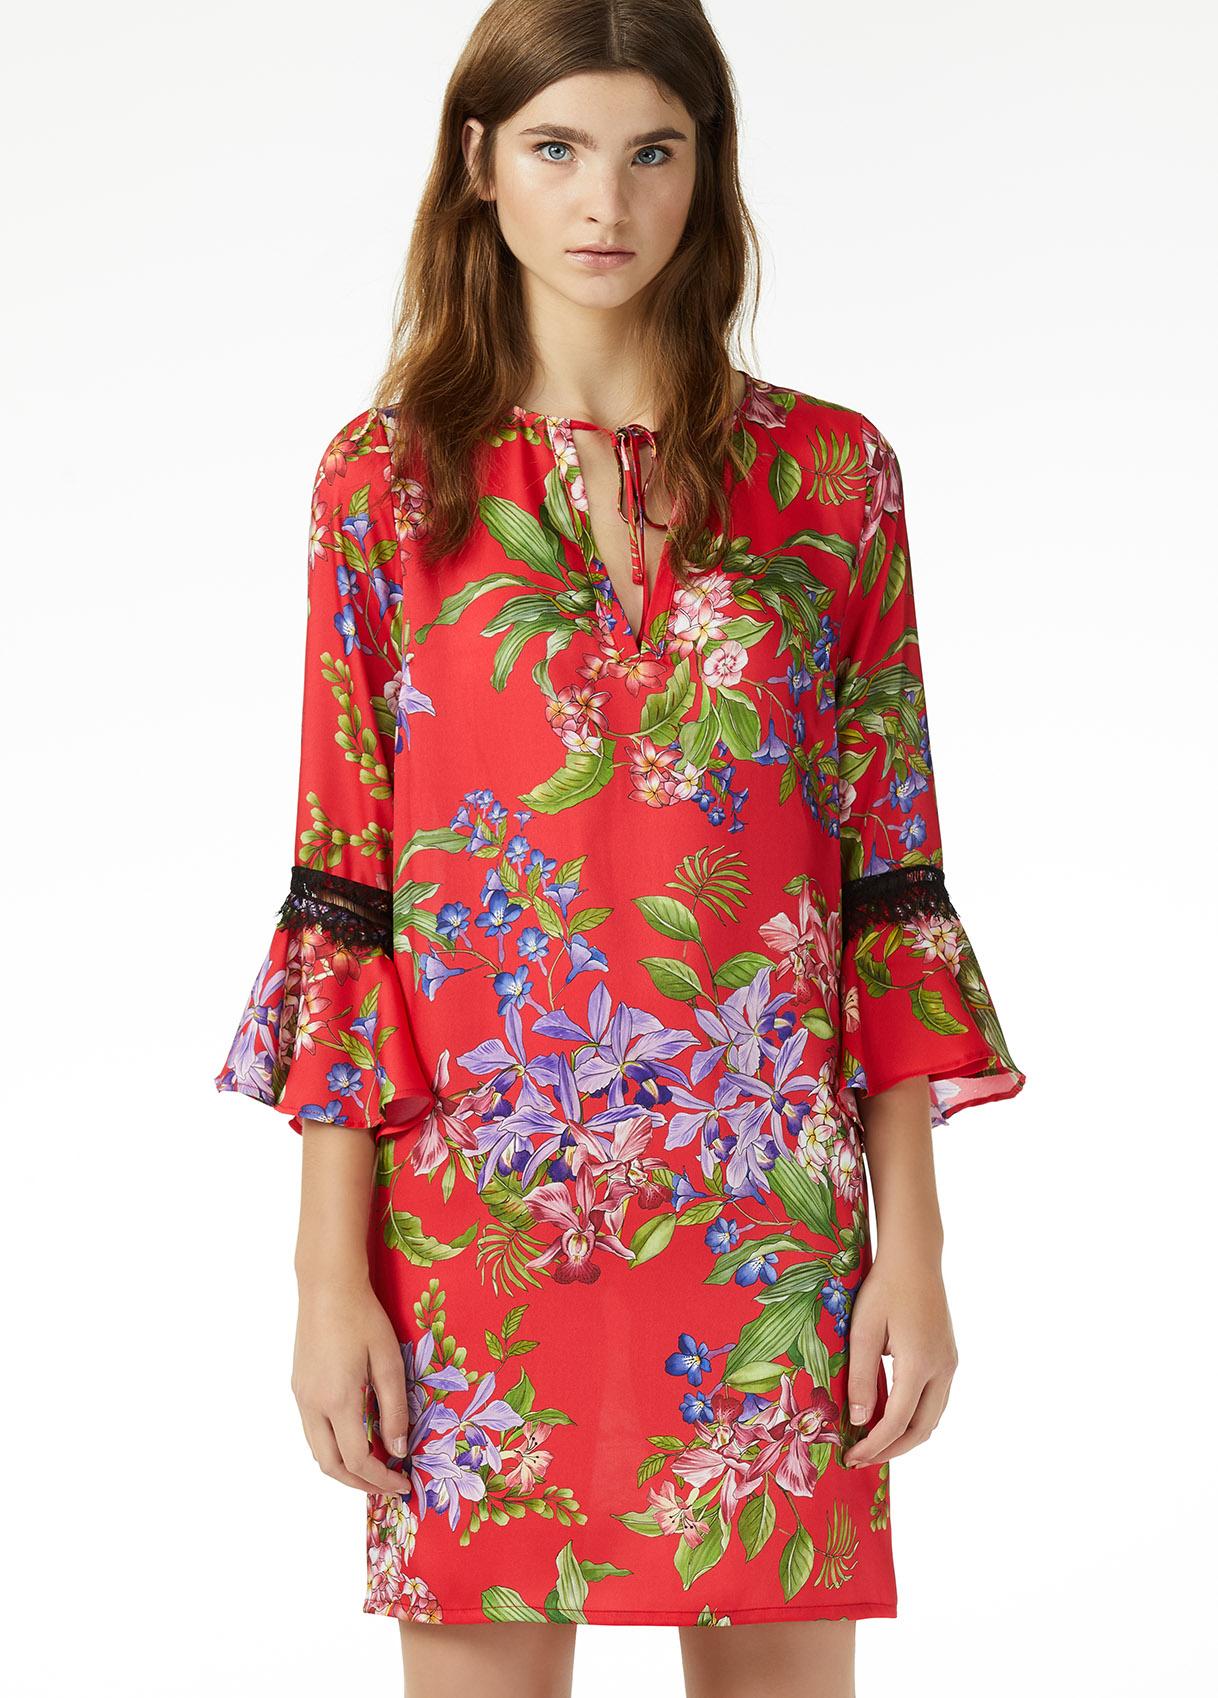 8059599965964-Dresses-Shortdresses-I19244T1995V9920-I-AF-N-N-01-N_1